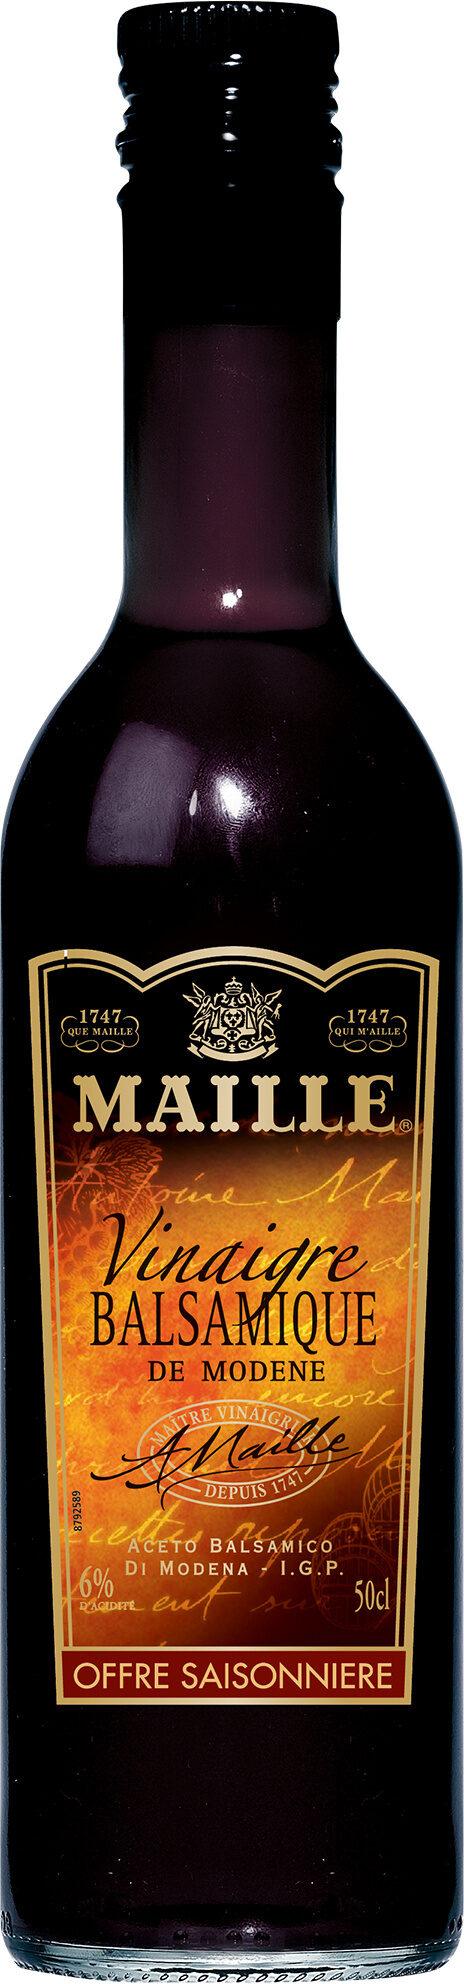 Maille Vinaigre Balsamique de Modène Offre Saisonnière 50cl - Produit - fr